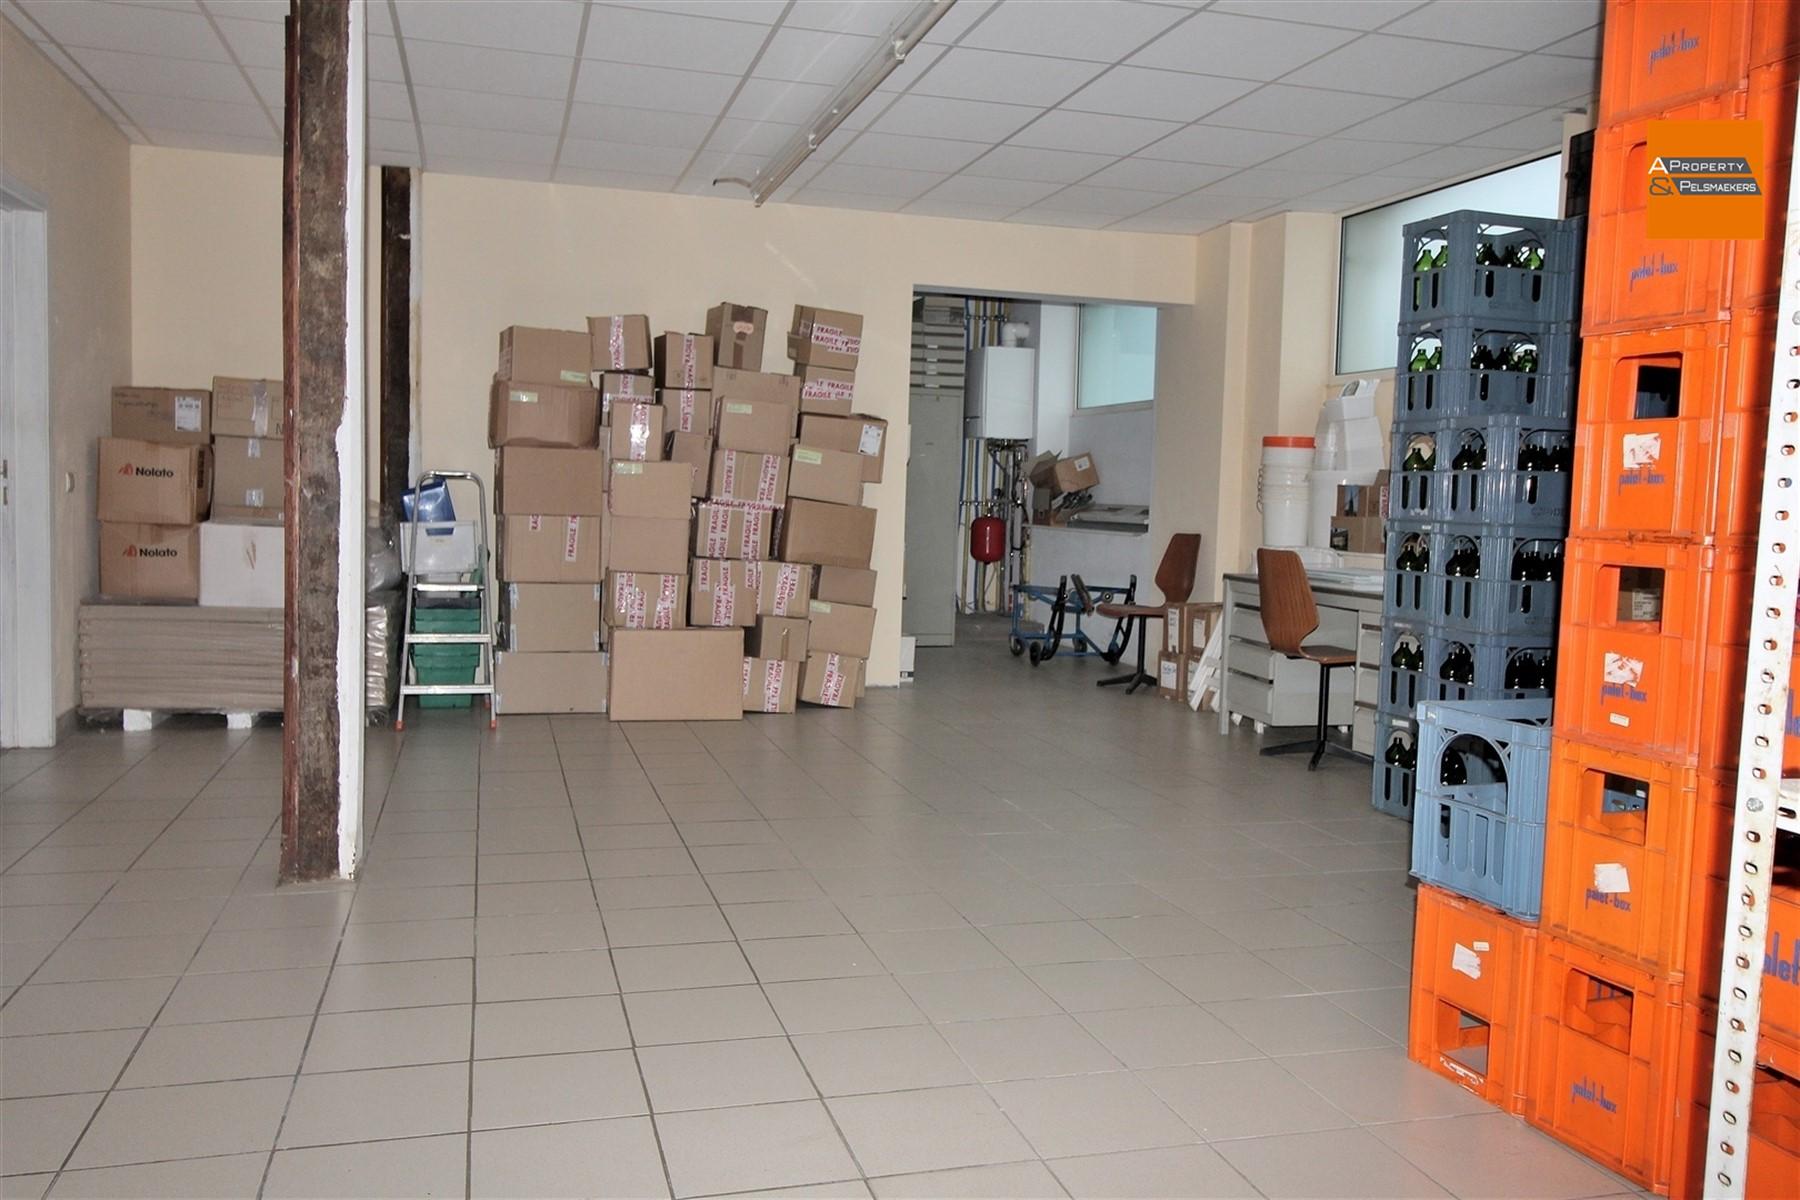 Foto 12 : Winkelruimte in 3272 TESTELT (België) - Prijs € 850